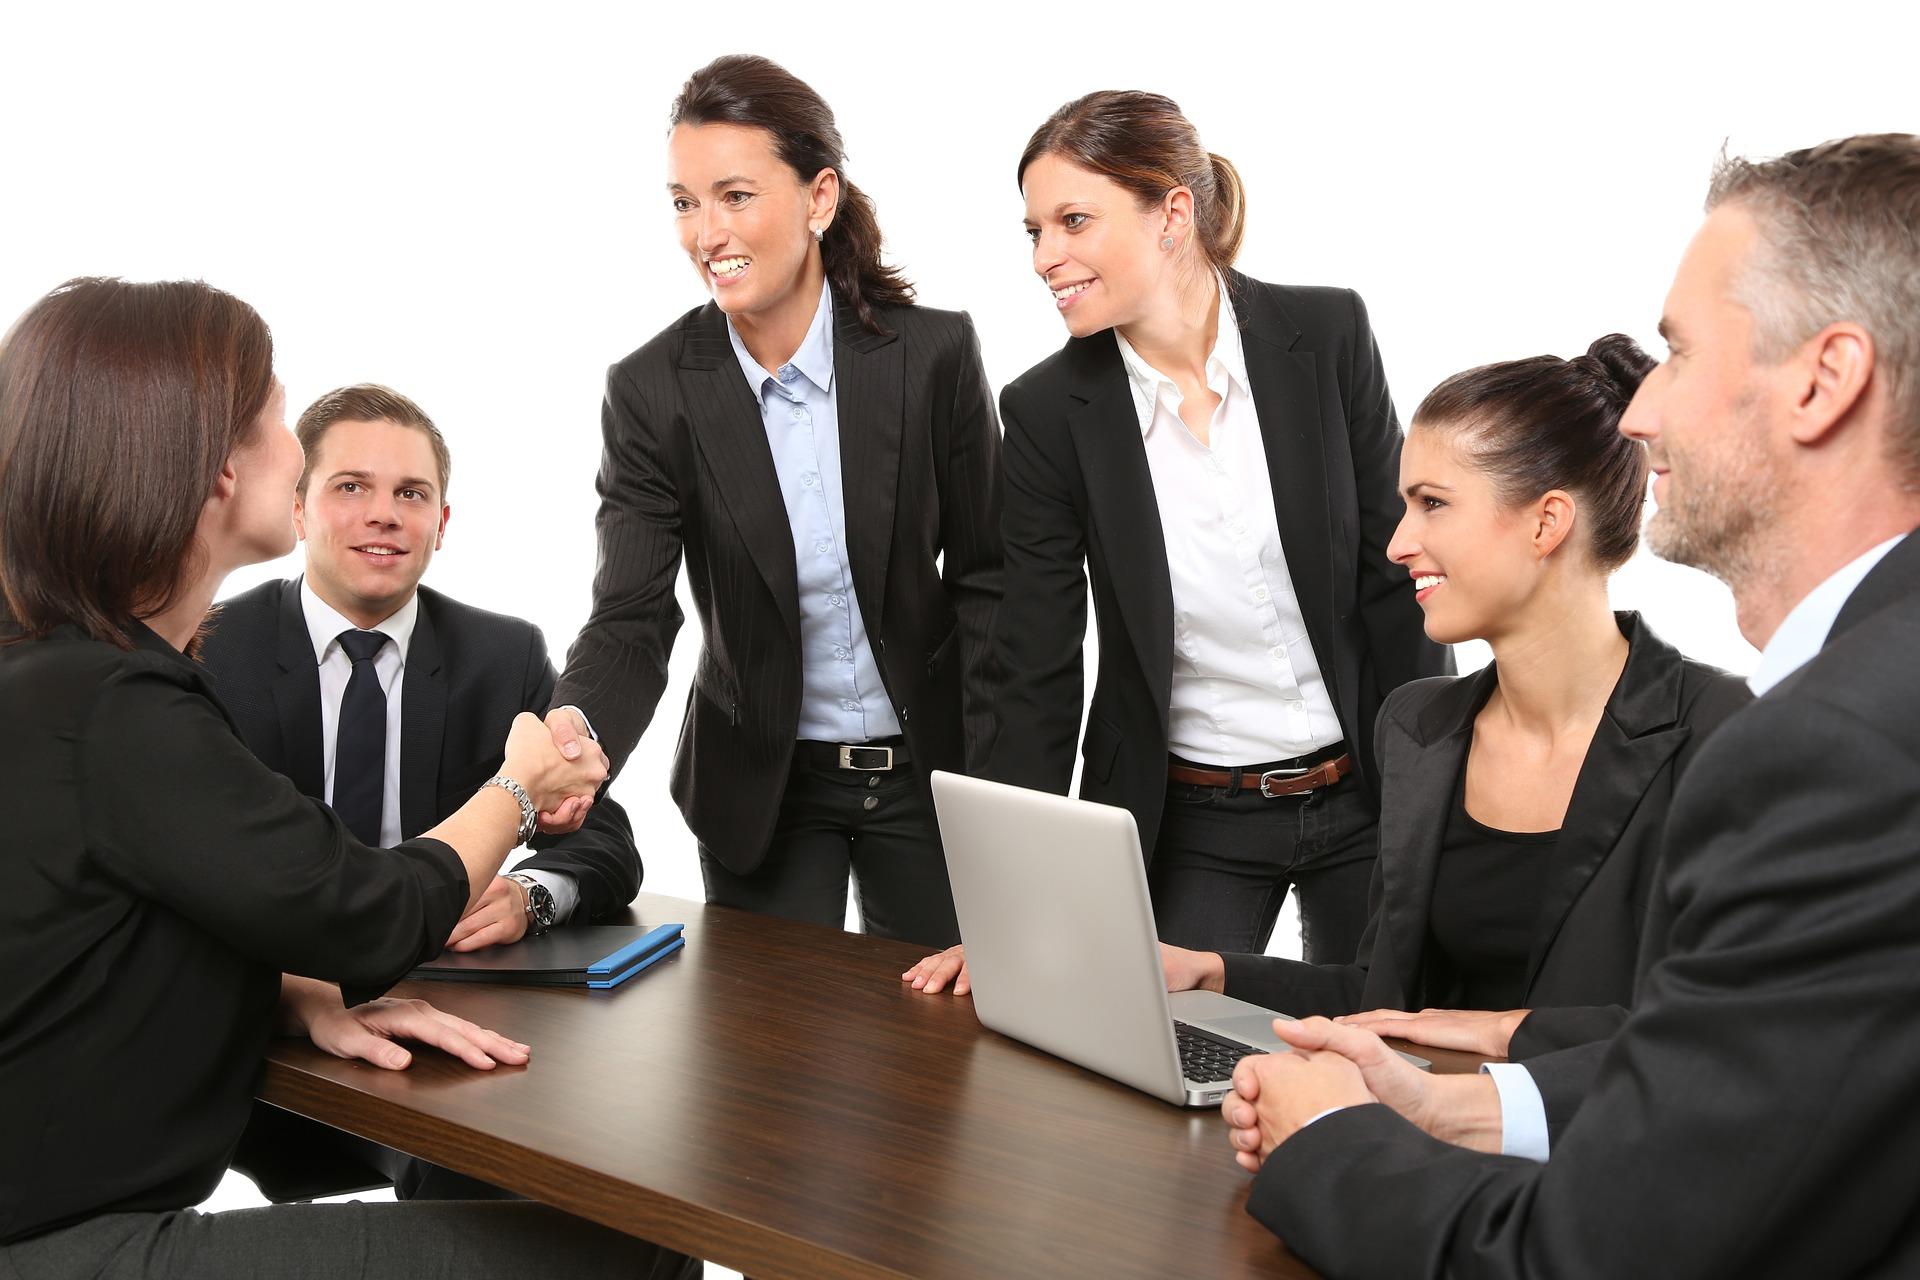 Créer son entreprise : les démarches et étapes à suivre